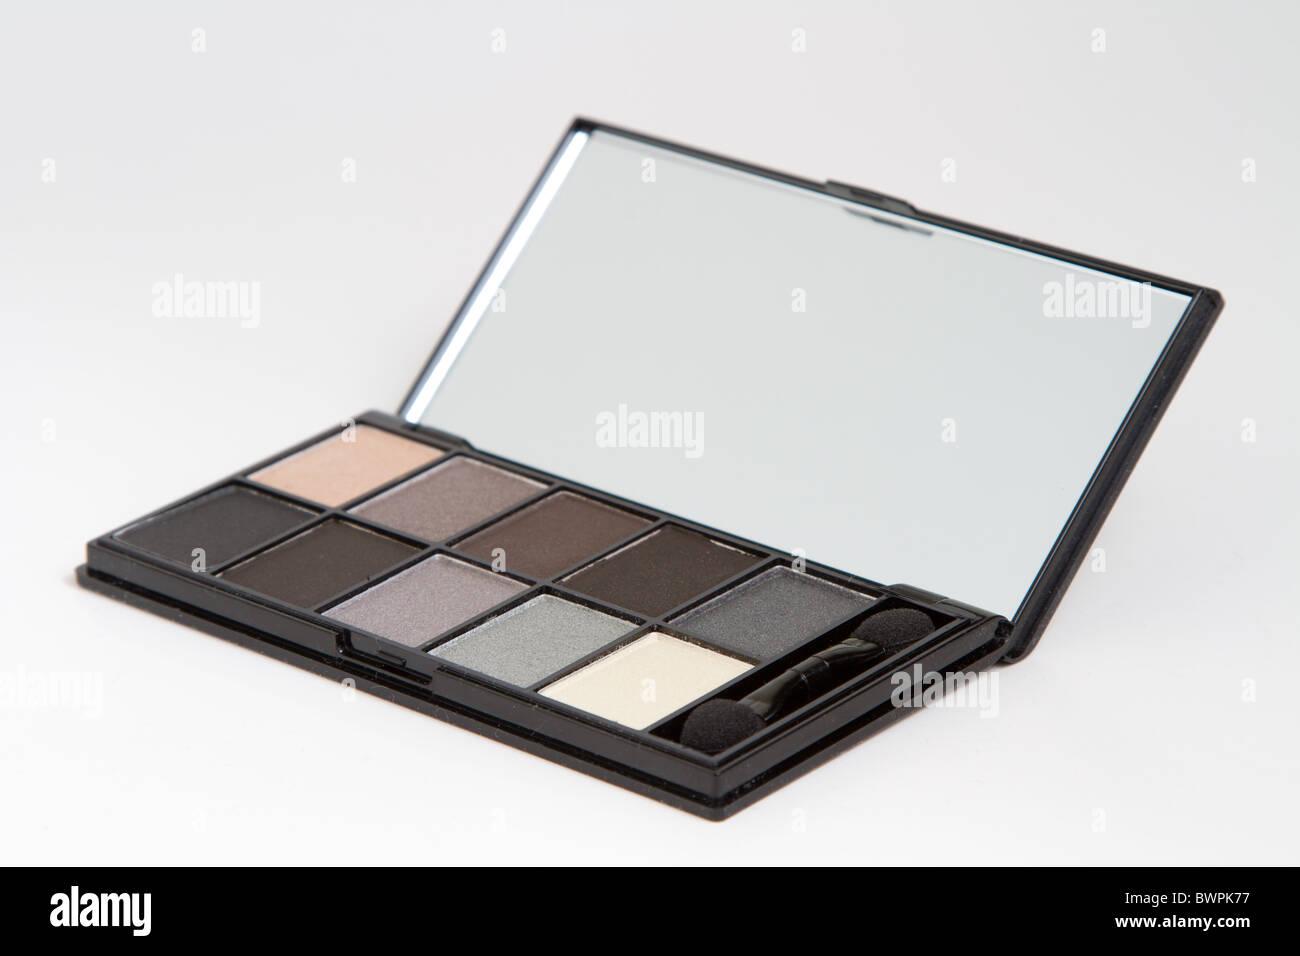 Close up of makeup product - Stock Image